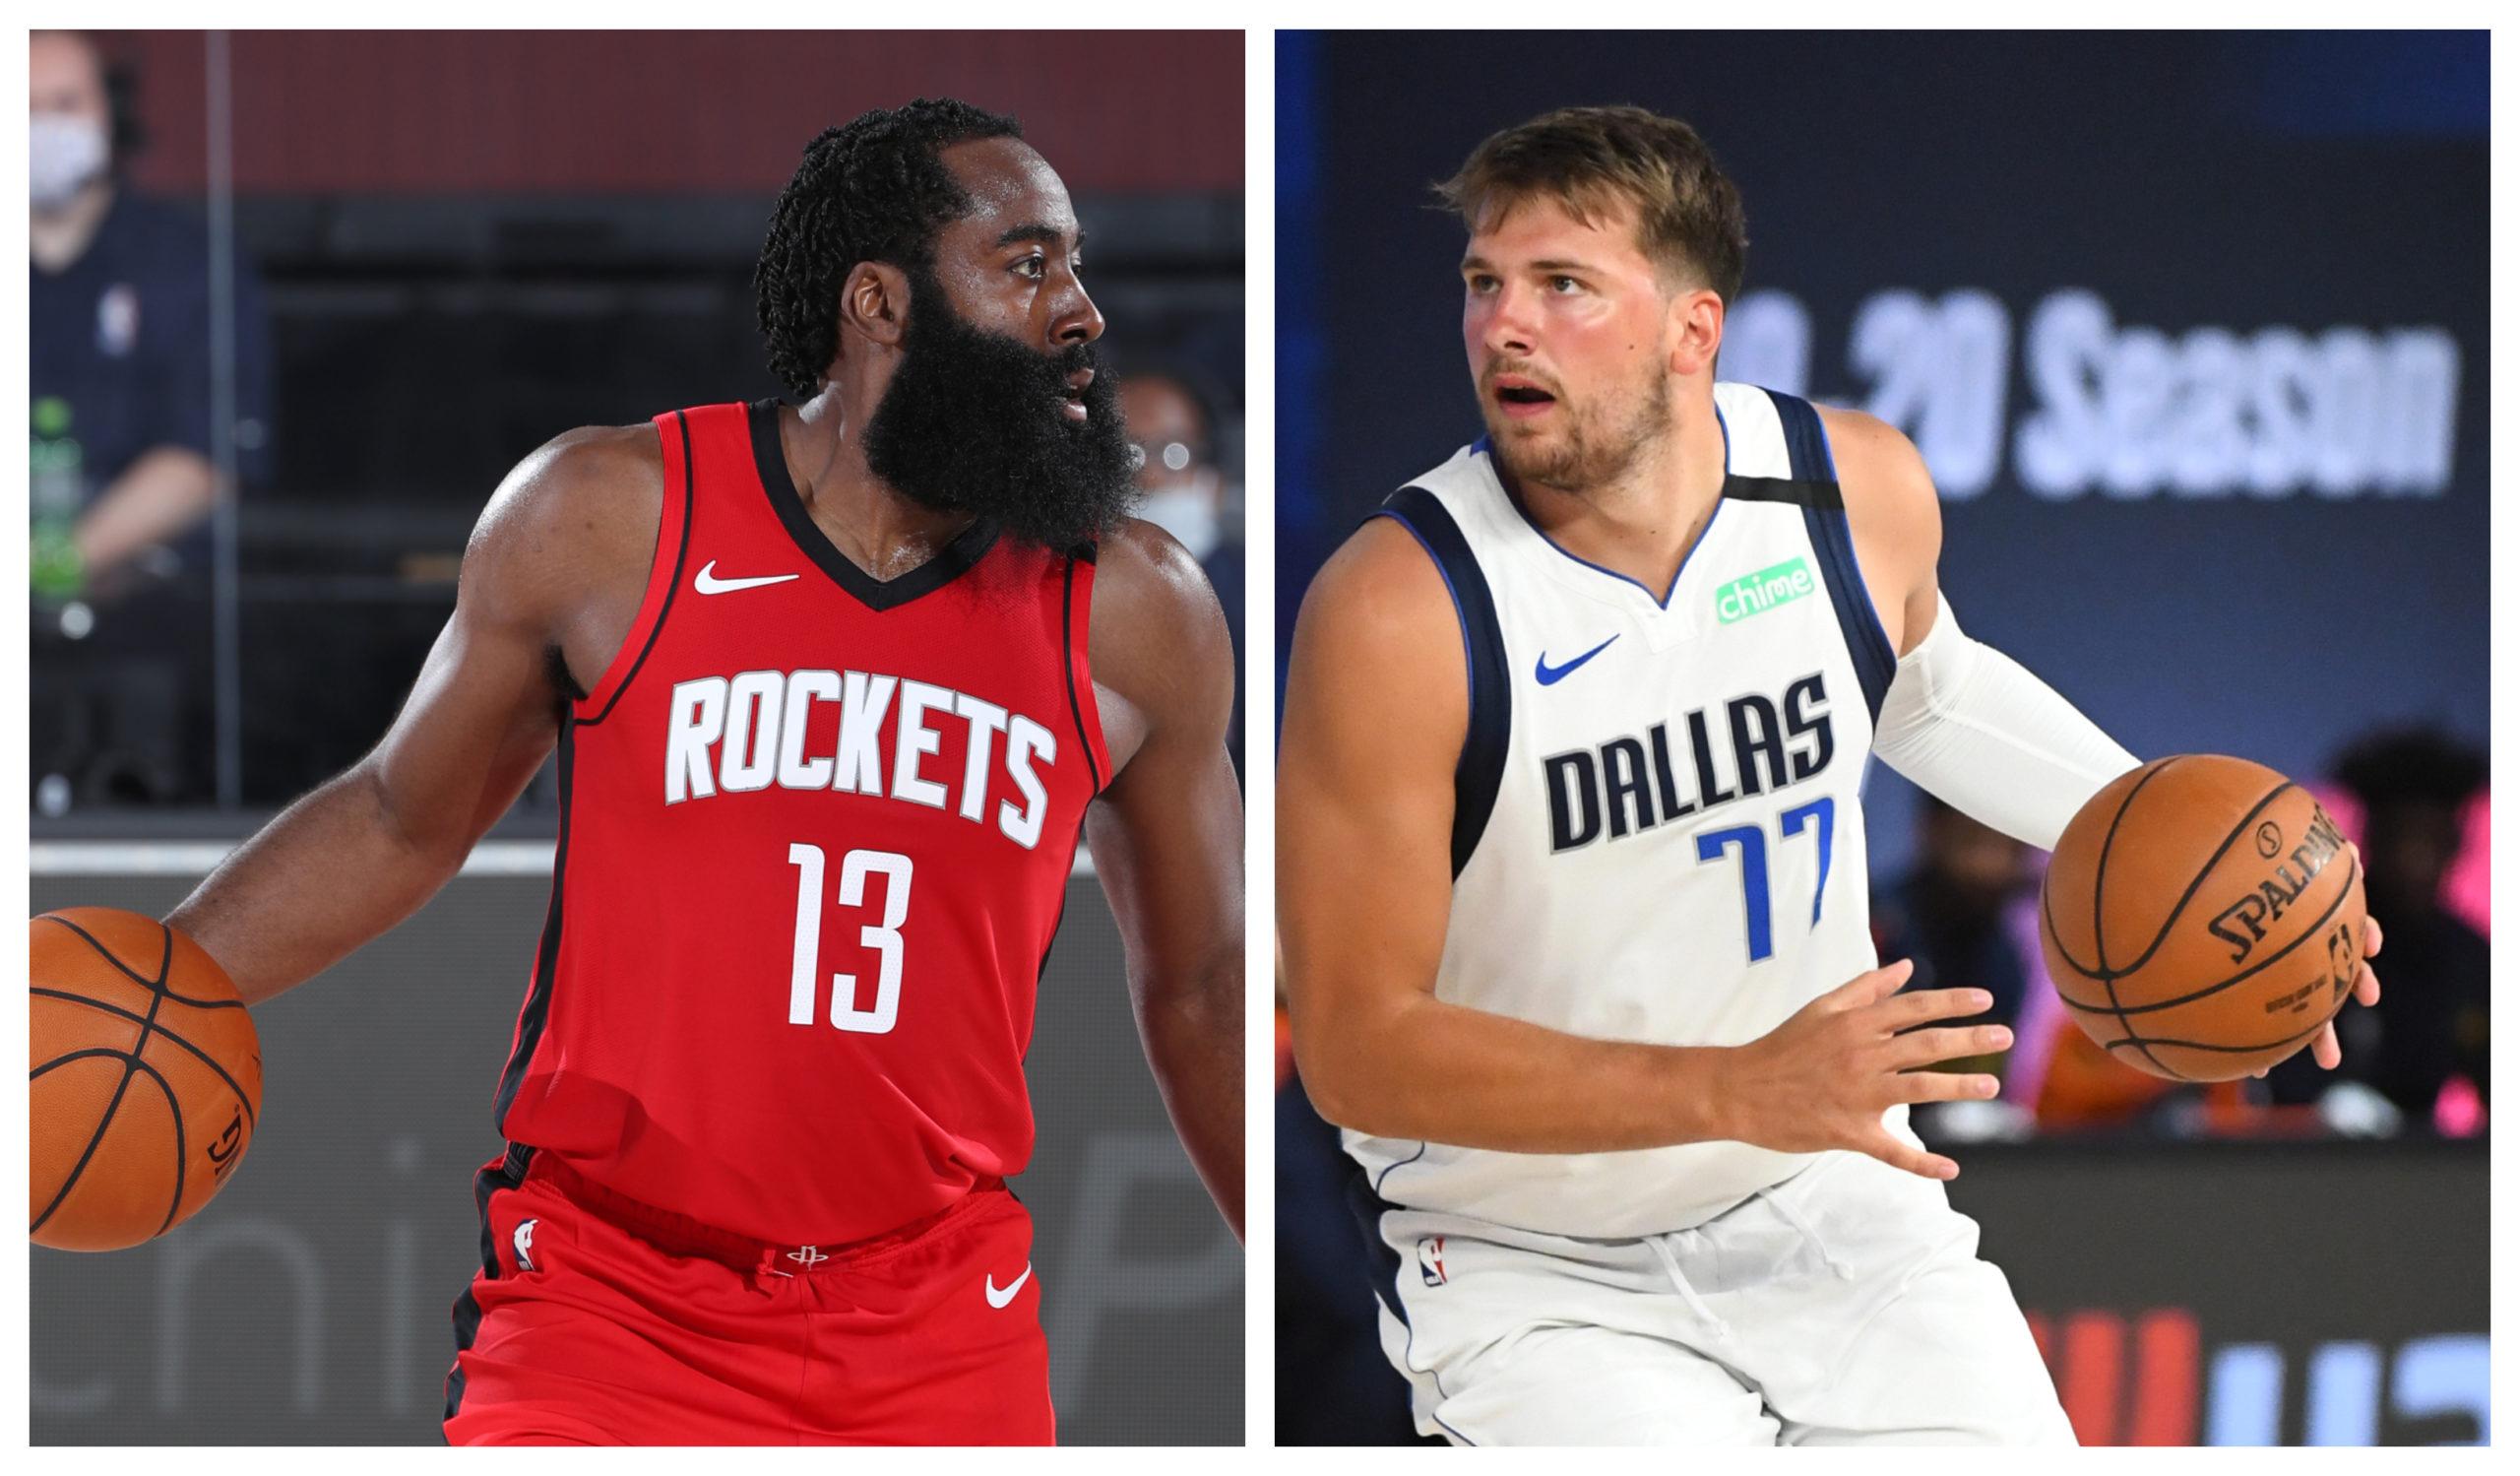 rockets vs mavericks - photo #13